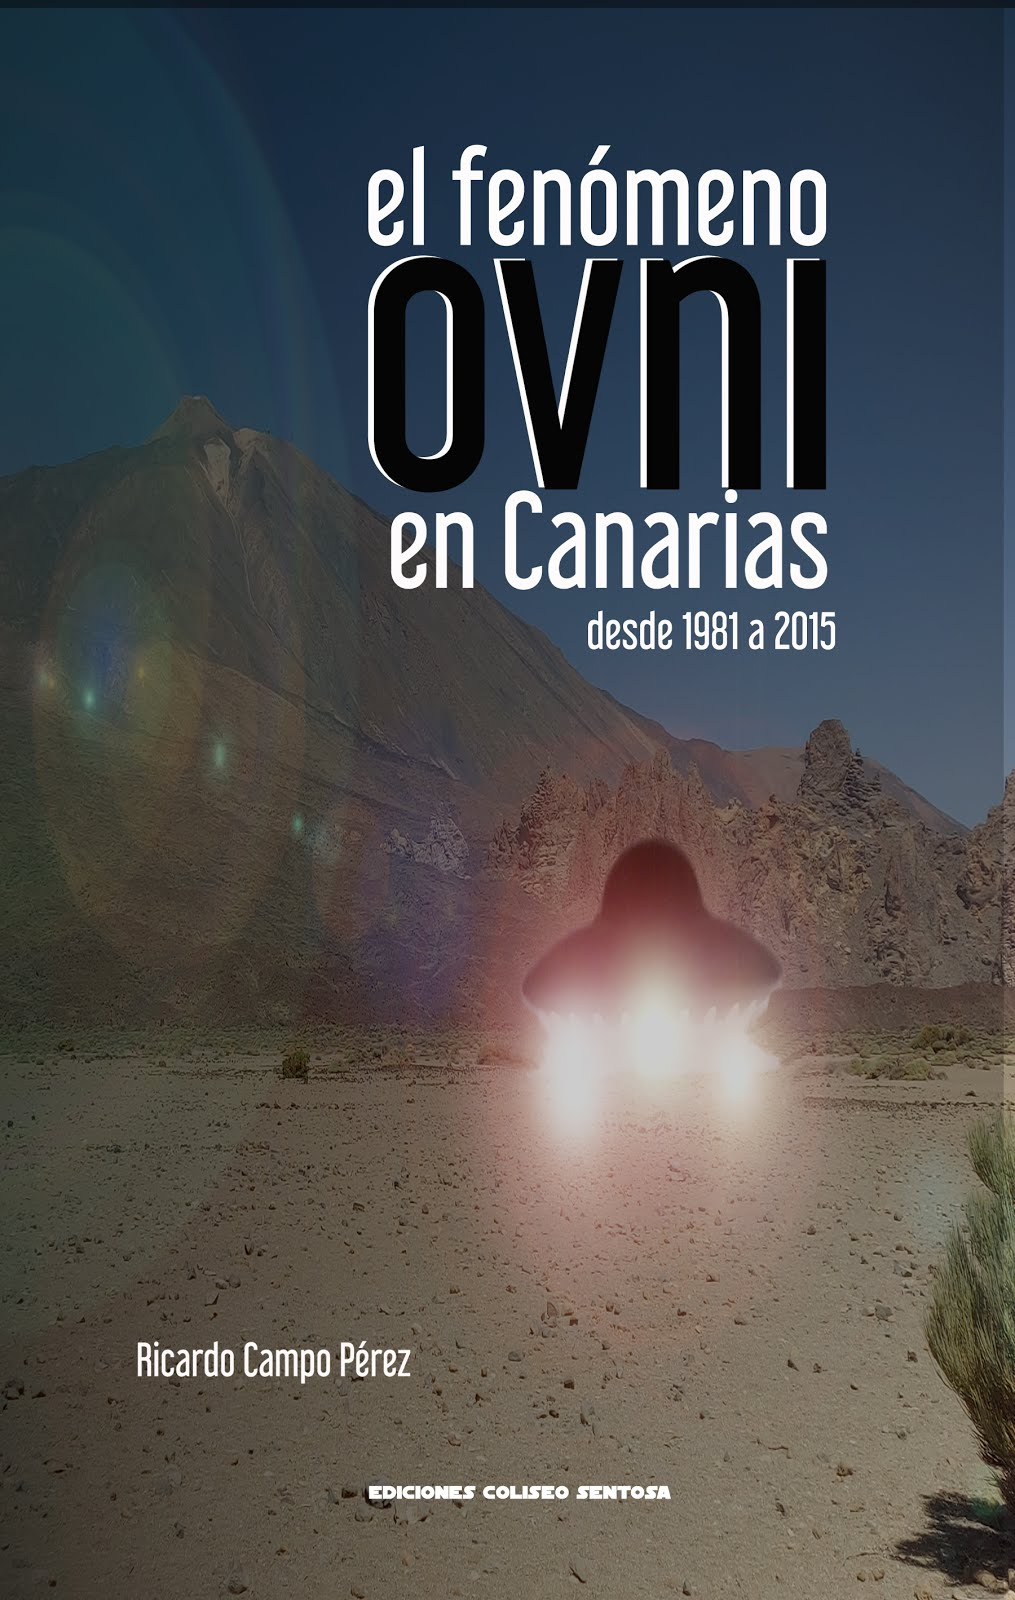 El fenómeno ovni en Canarias desde 1981 a 2015